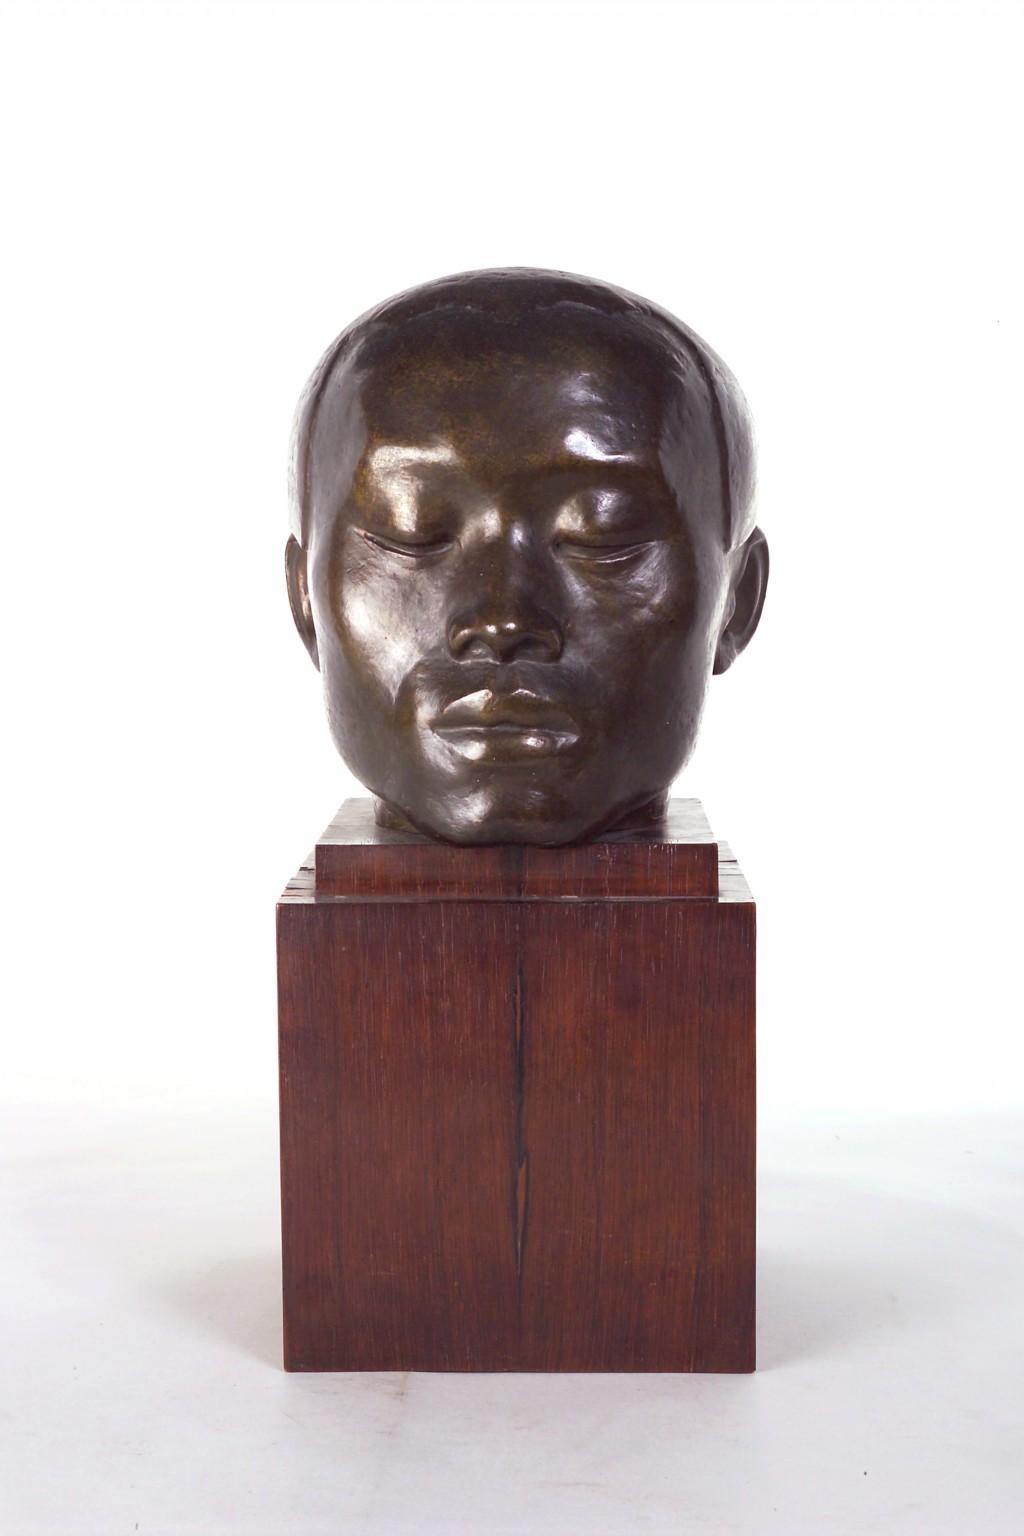 Dora Gordine, Chinese Head/The Chinese Philosopher, bronze, 1925-6